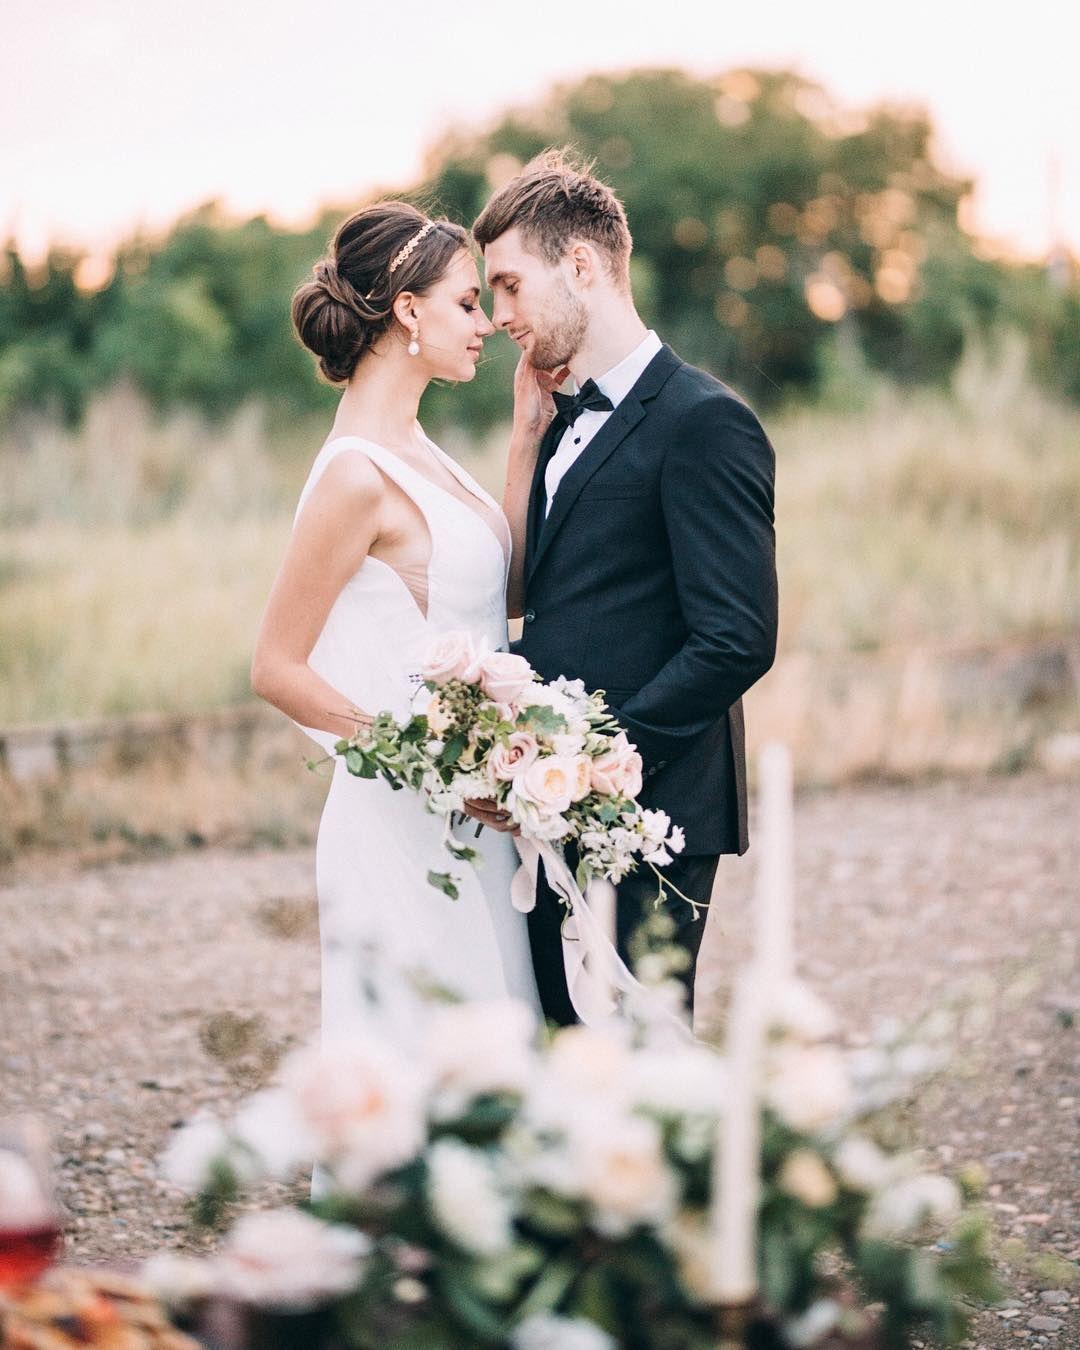 ЛЕТНЯЯ СВАДЬБА . #wedding Для проведения летней свадьбы Вы ...